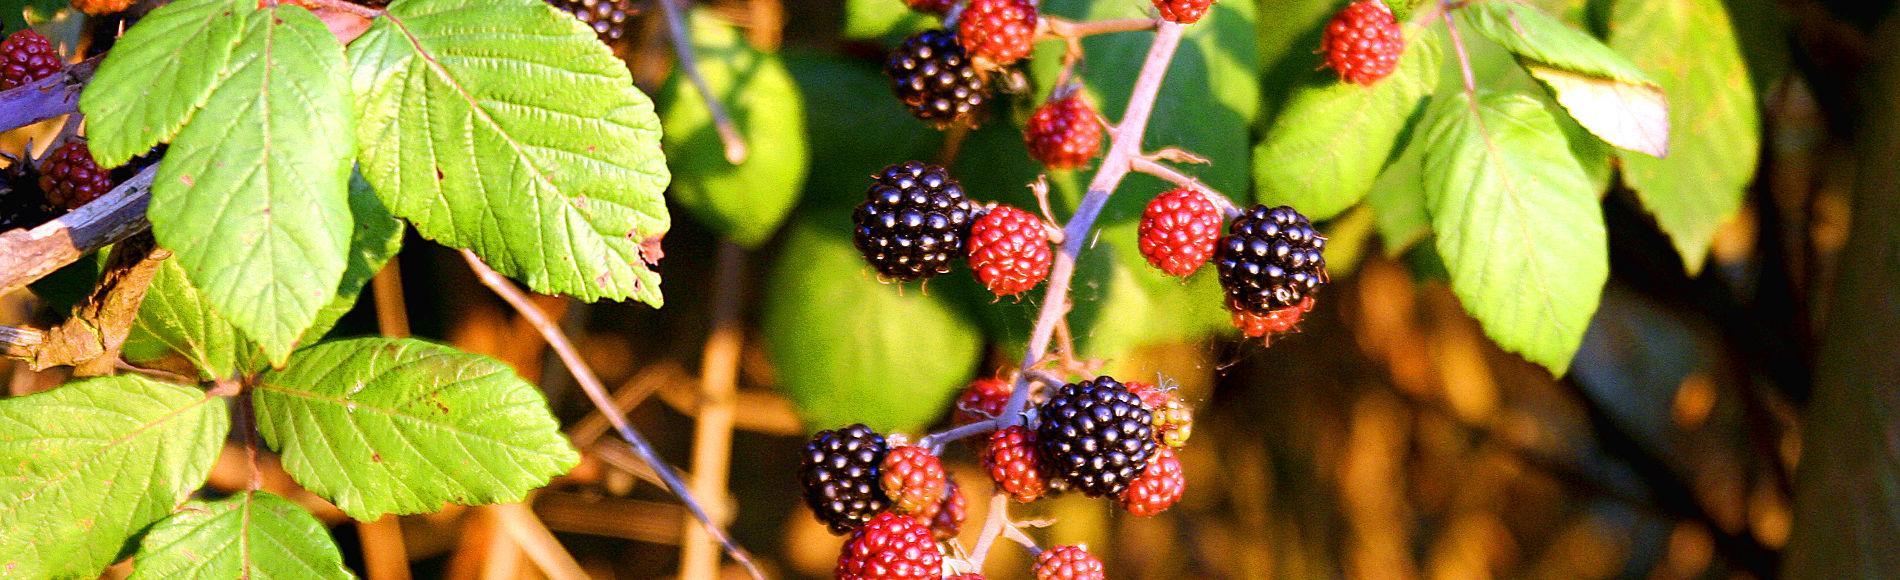 Raccogli la prossima estate i frutti della salute!